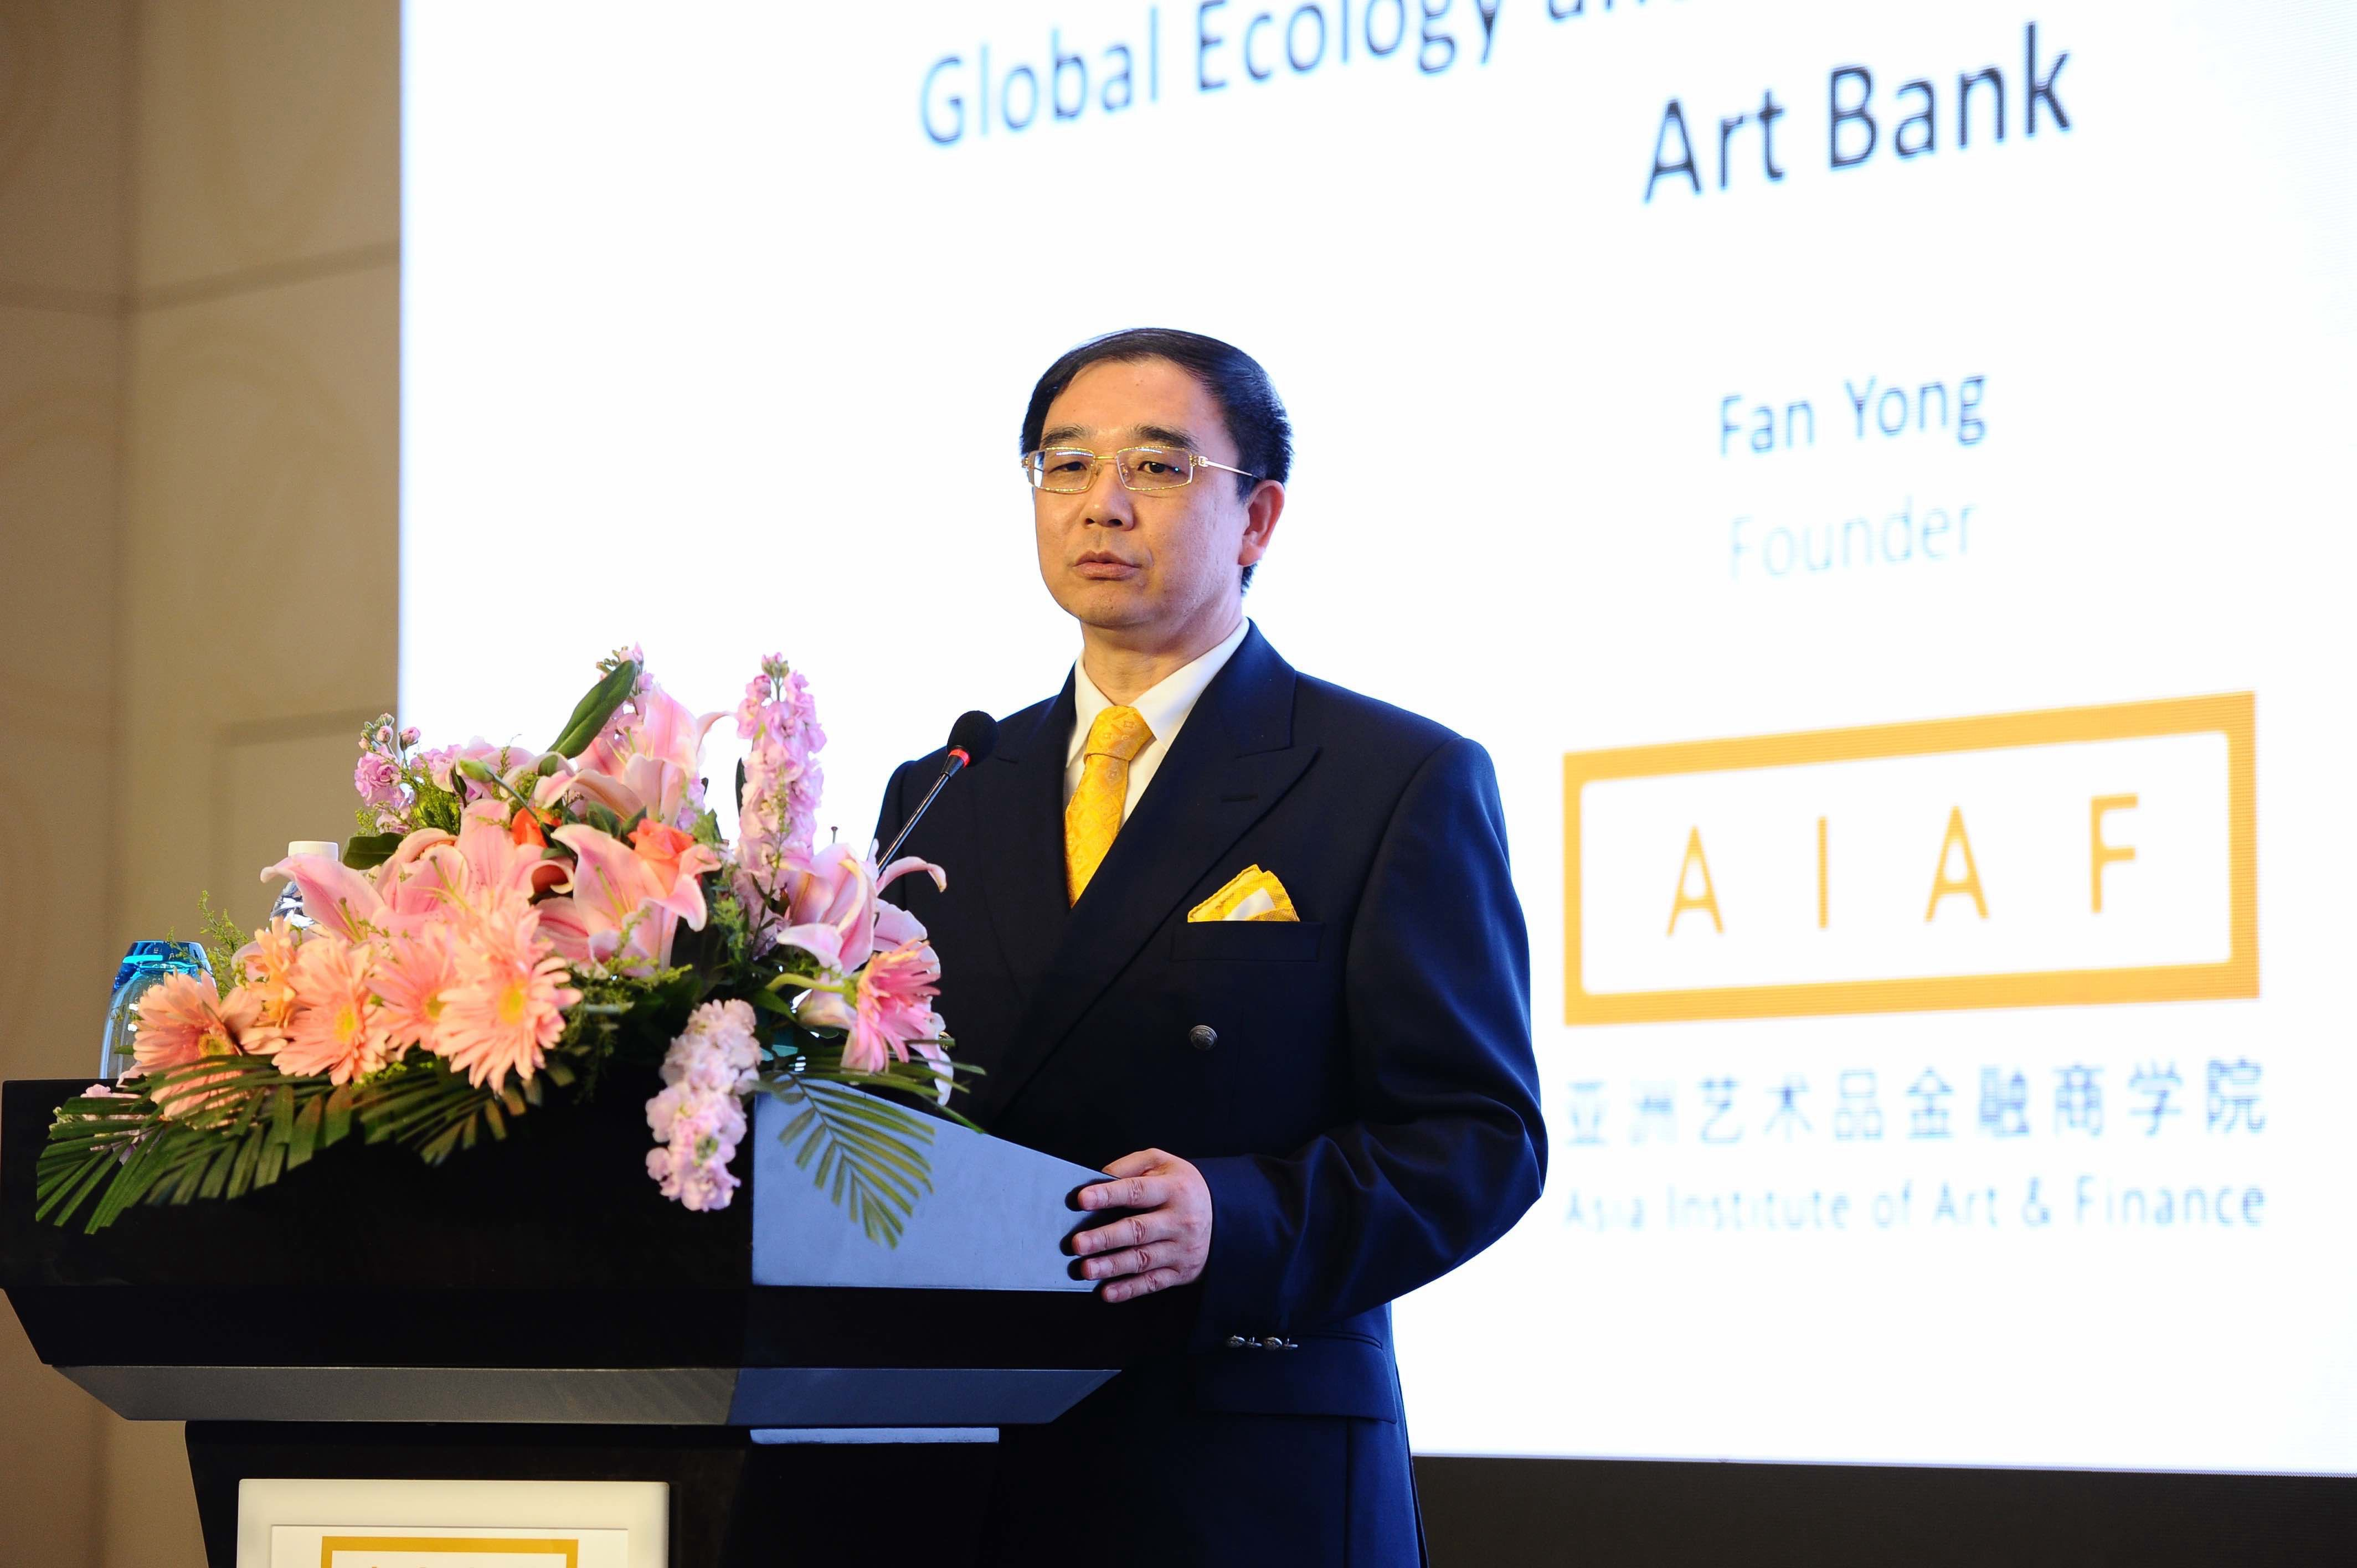 范勇:世界背景下的中国艺术品金融发展思考